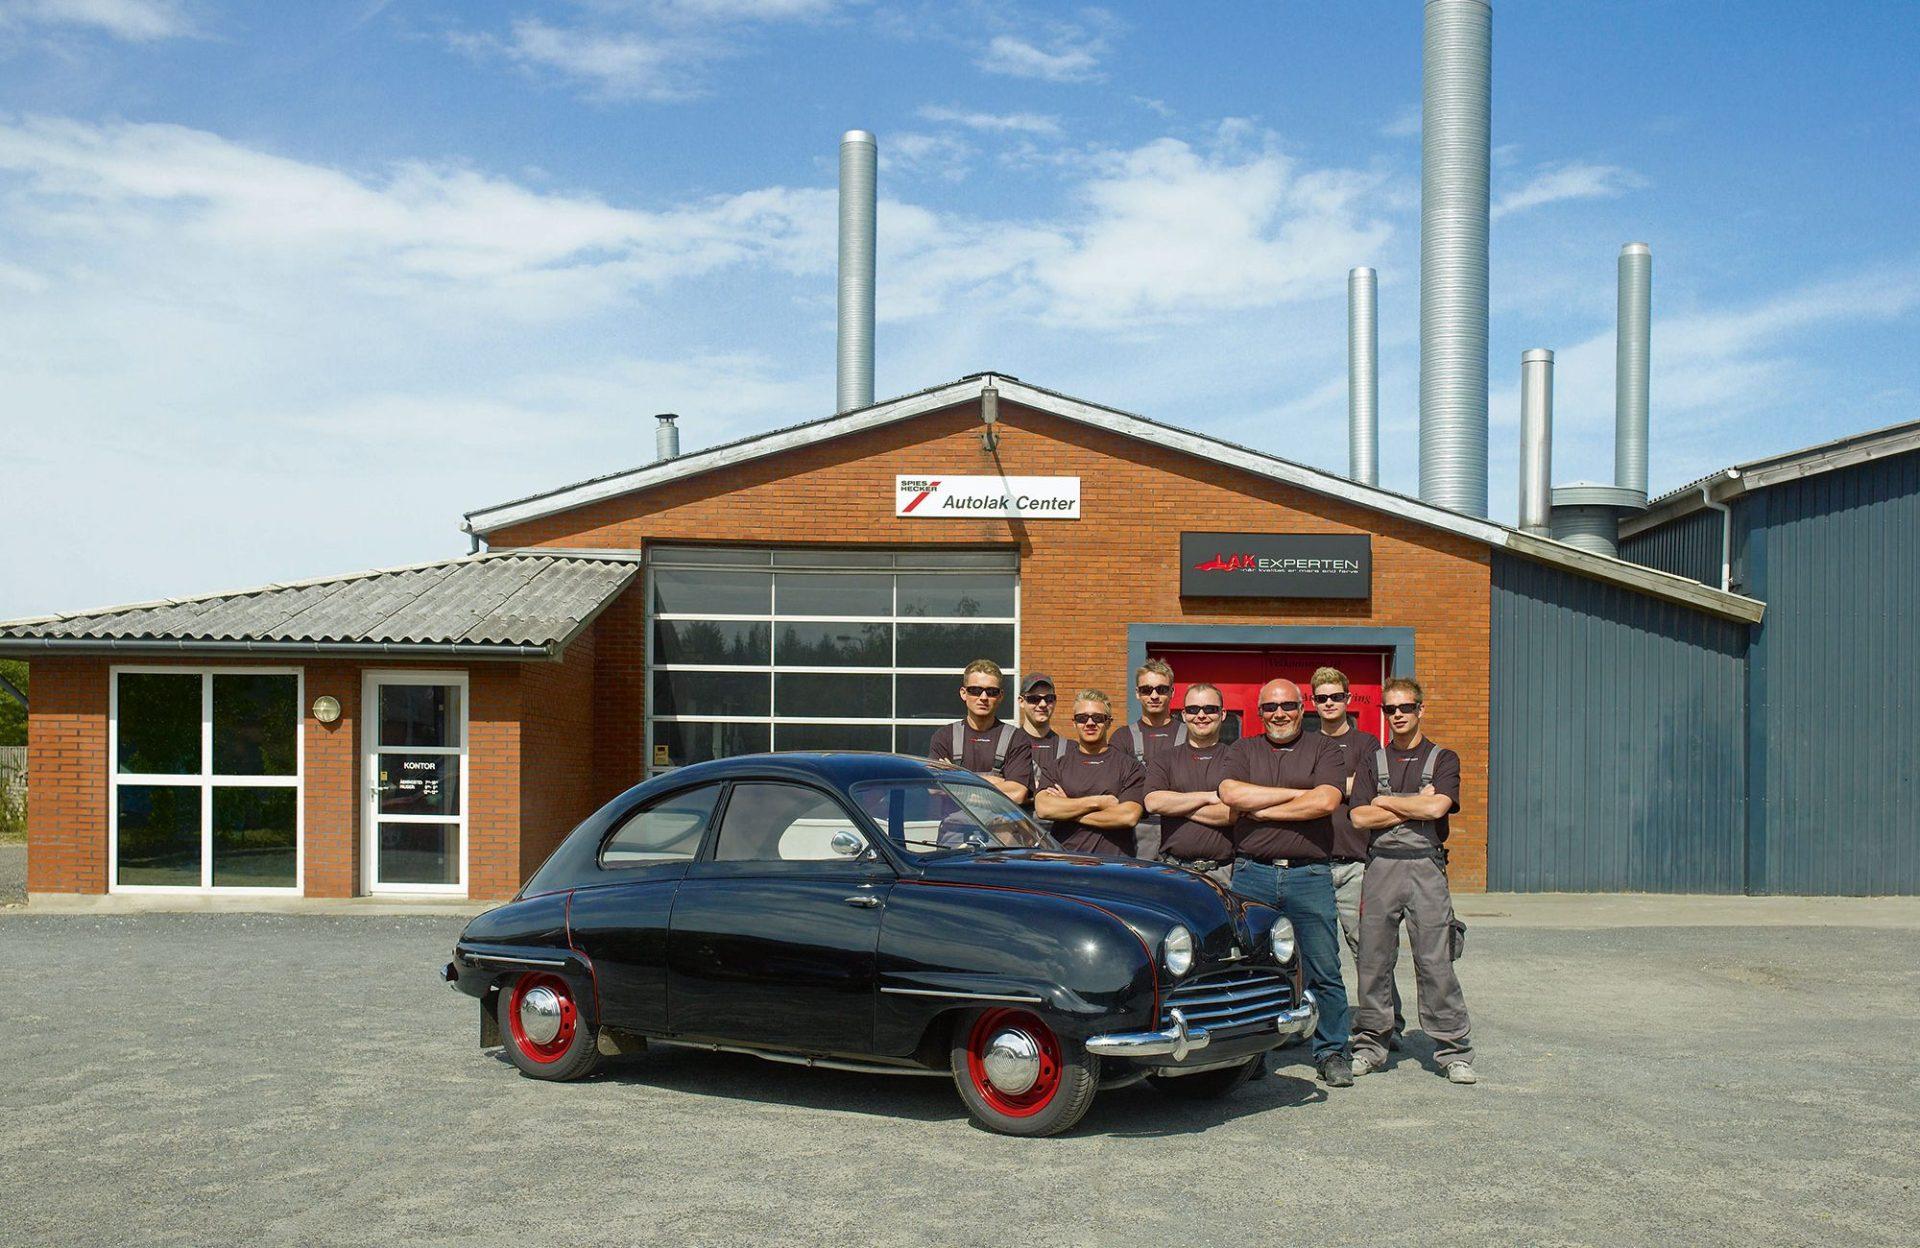 Hinter einem Oldtimer stehen mehrer Mitarbeiter einer Autolackiererei. Das Bild wurde für den Kalender Spies Hecker von Jörg Saibou fotografiert.